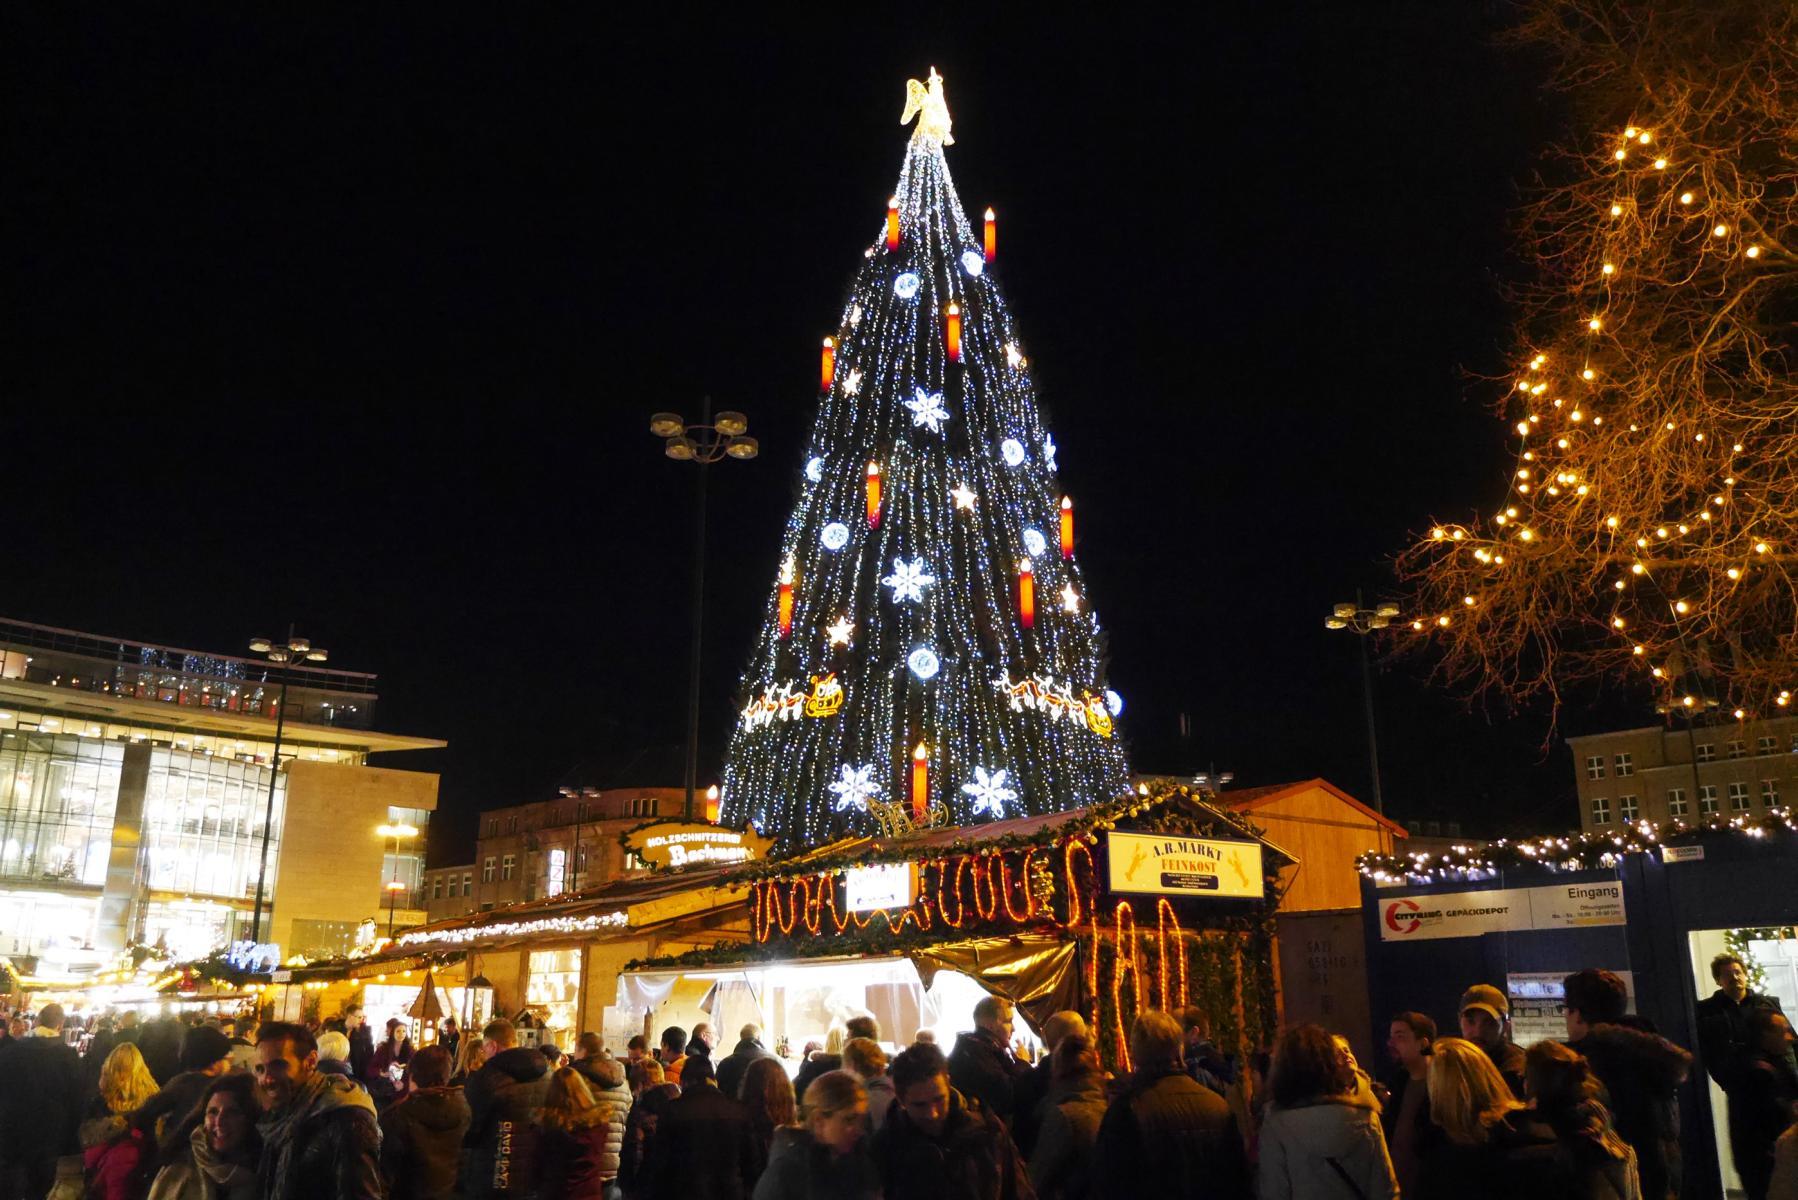 Dortmund Weihnachtsmarkt.Datei Weihnachtsmarkt Dortmund 2015 Jpg Wikipedia